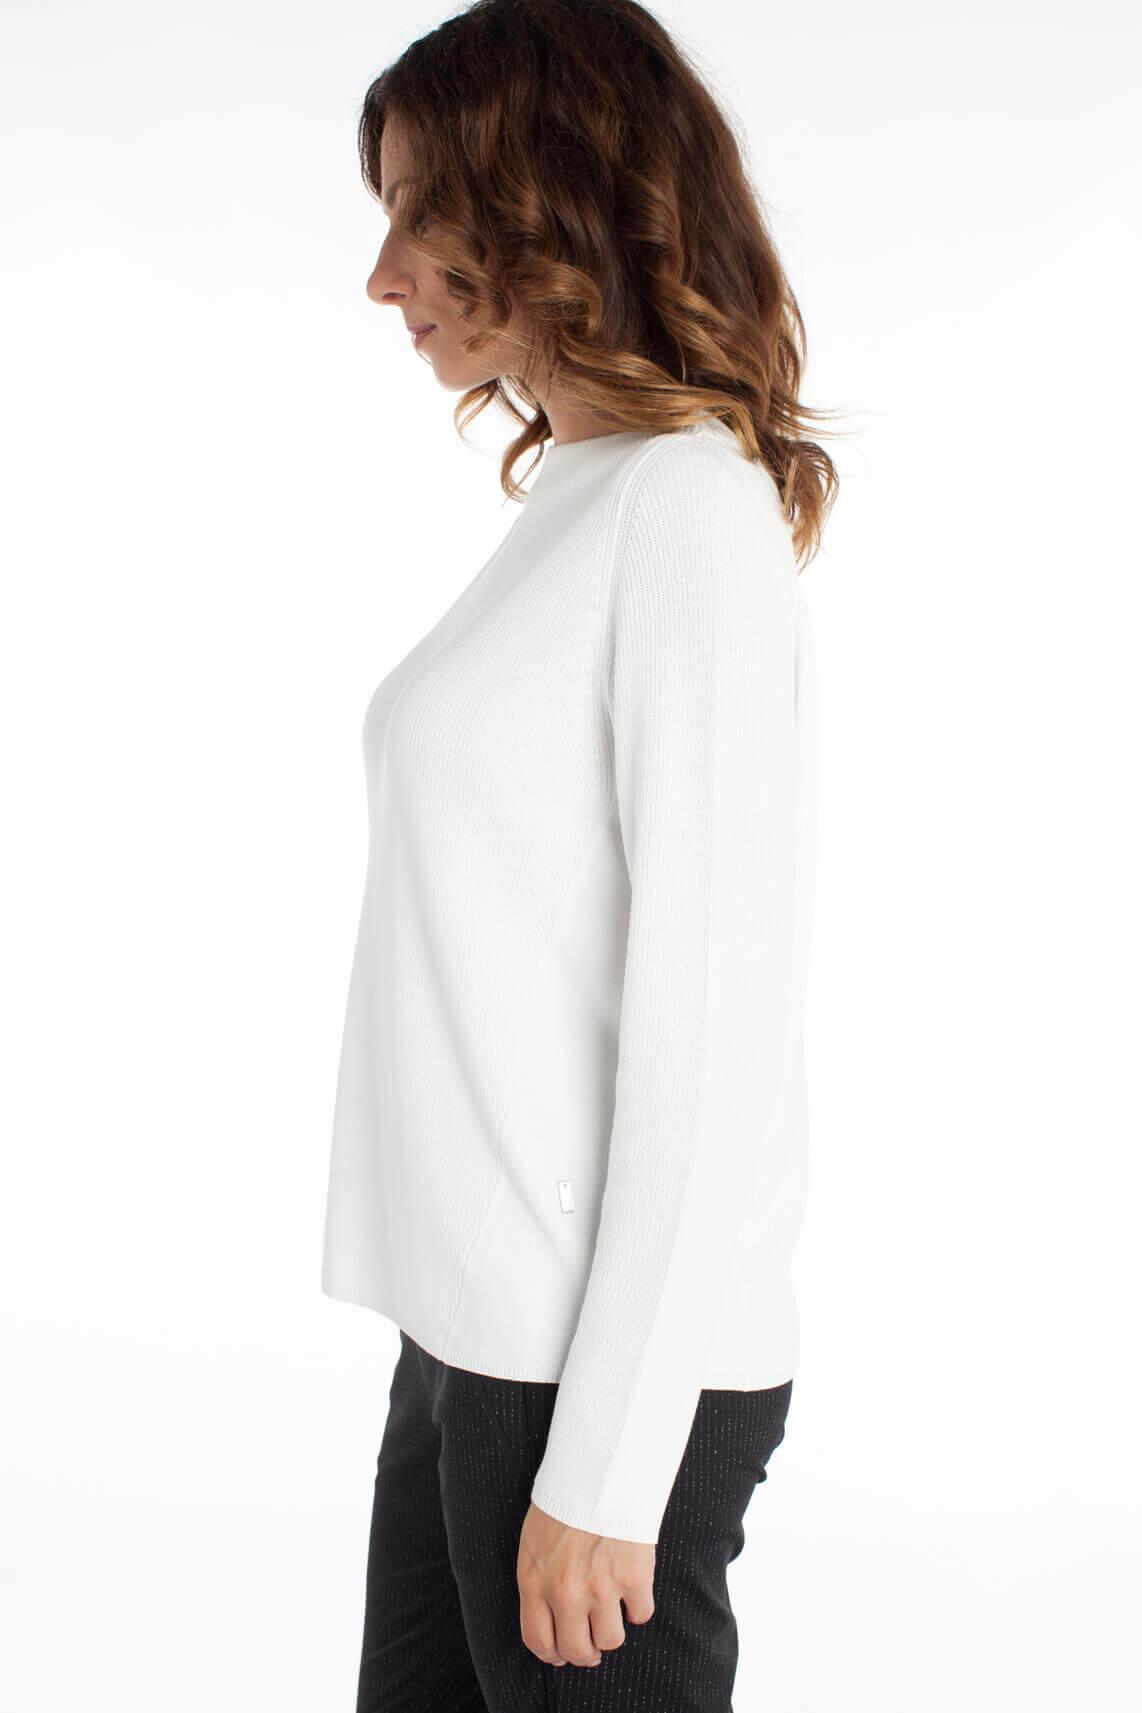 Anna Dames Ribgebreide pullover wit